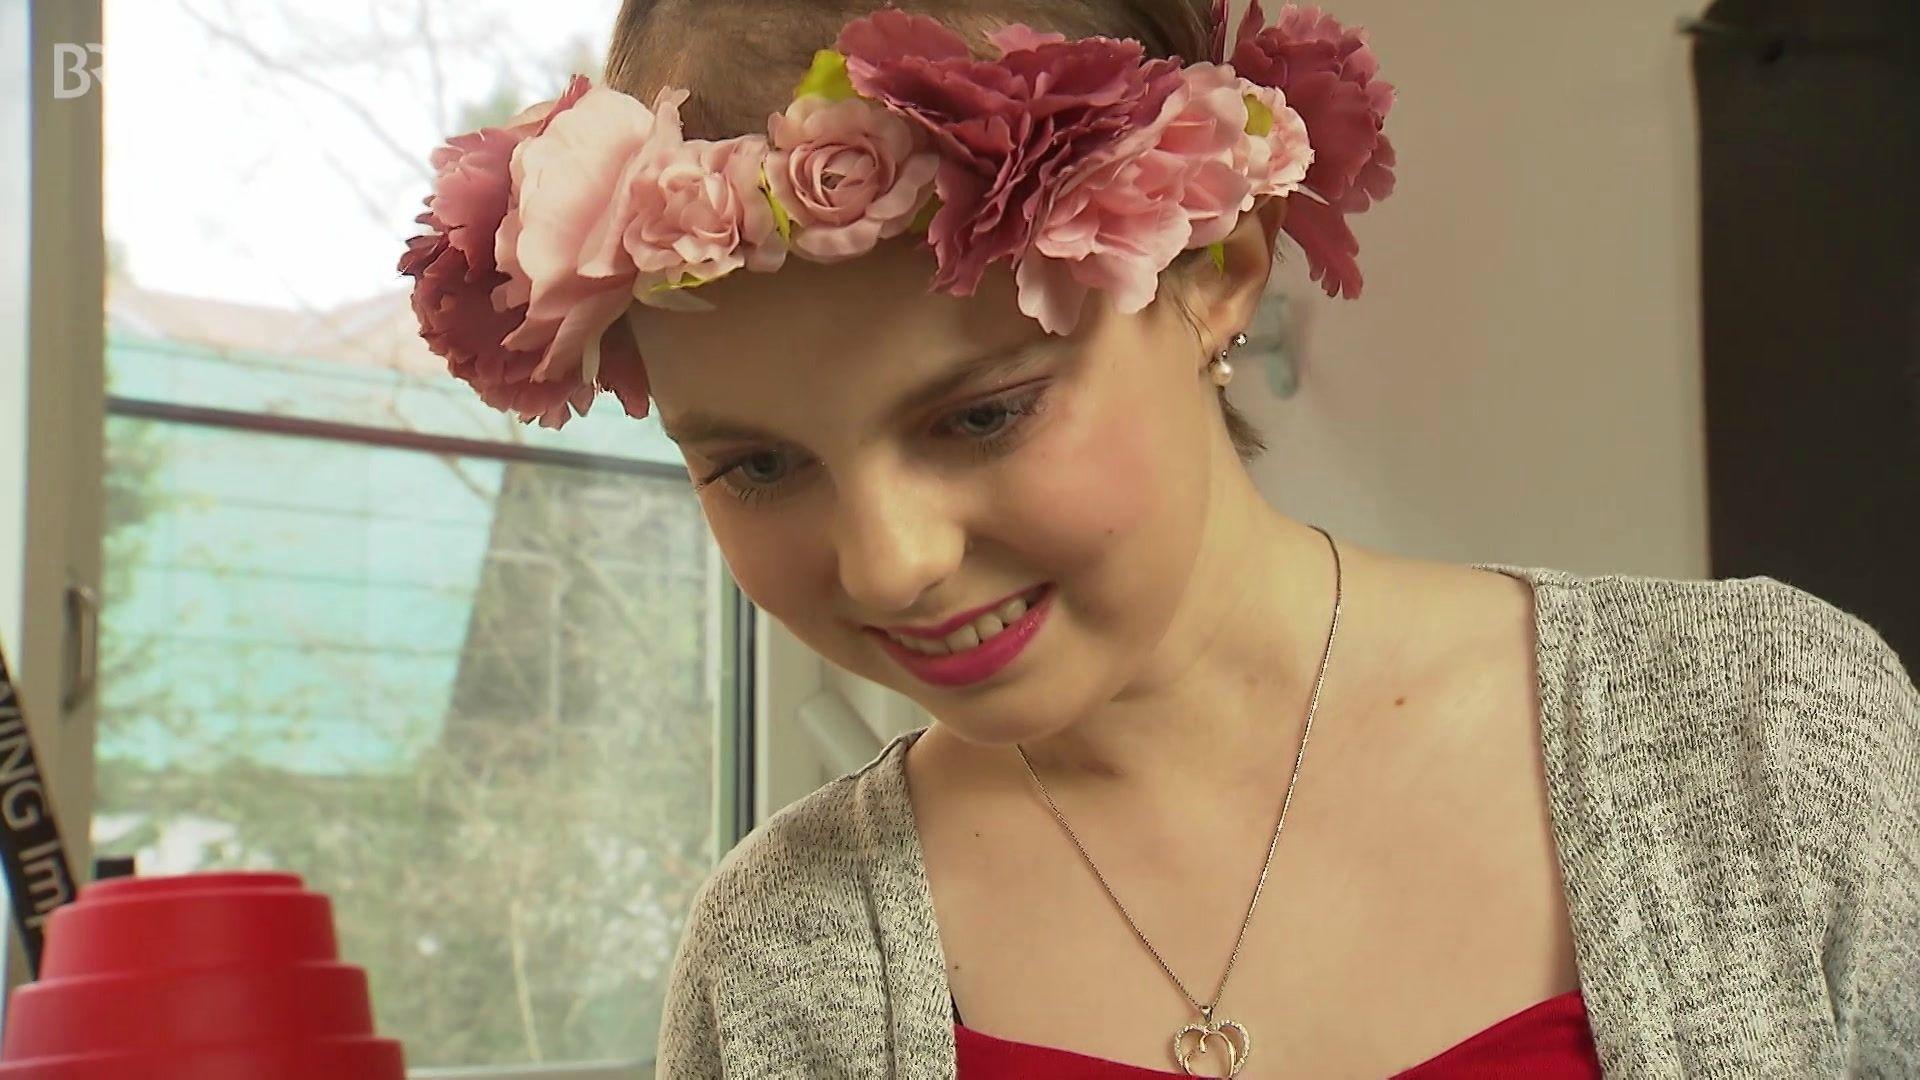 Die schön geschminkte Hannah Aurnhammer mit rosa Blumenkranz im Haar schaut sich Bilder in einer Kamera an